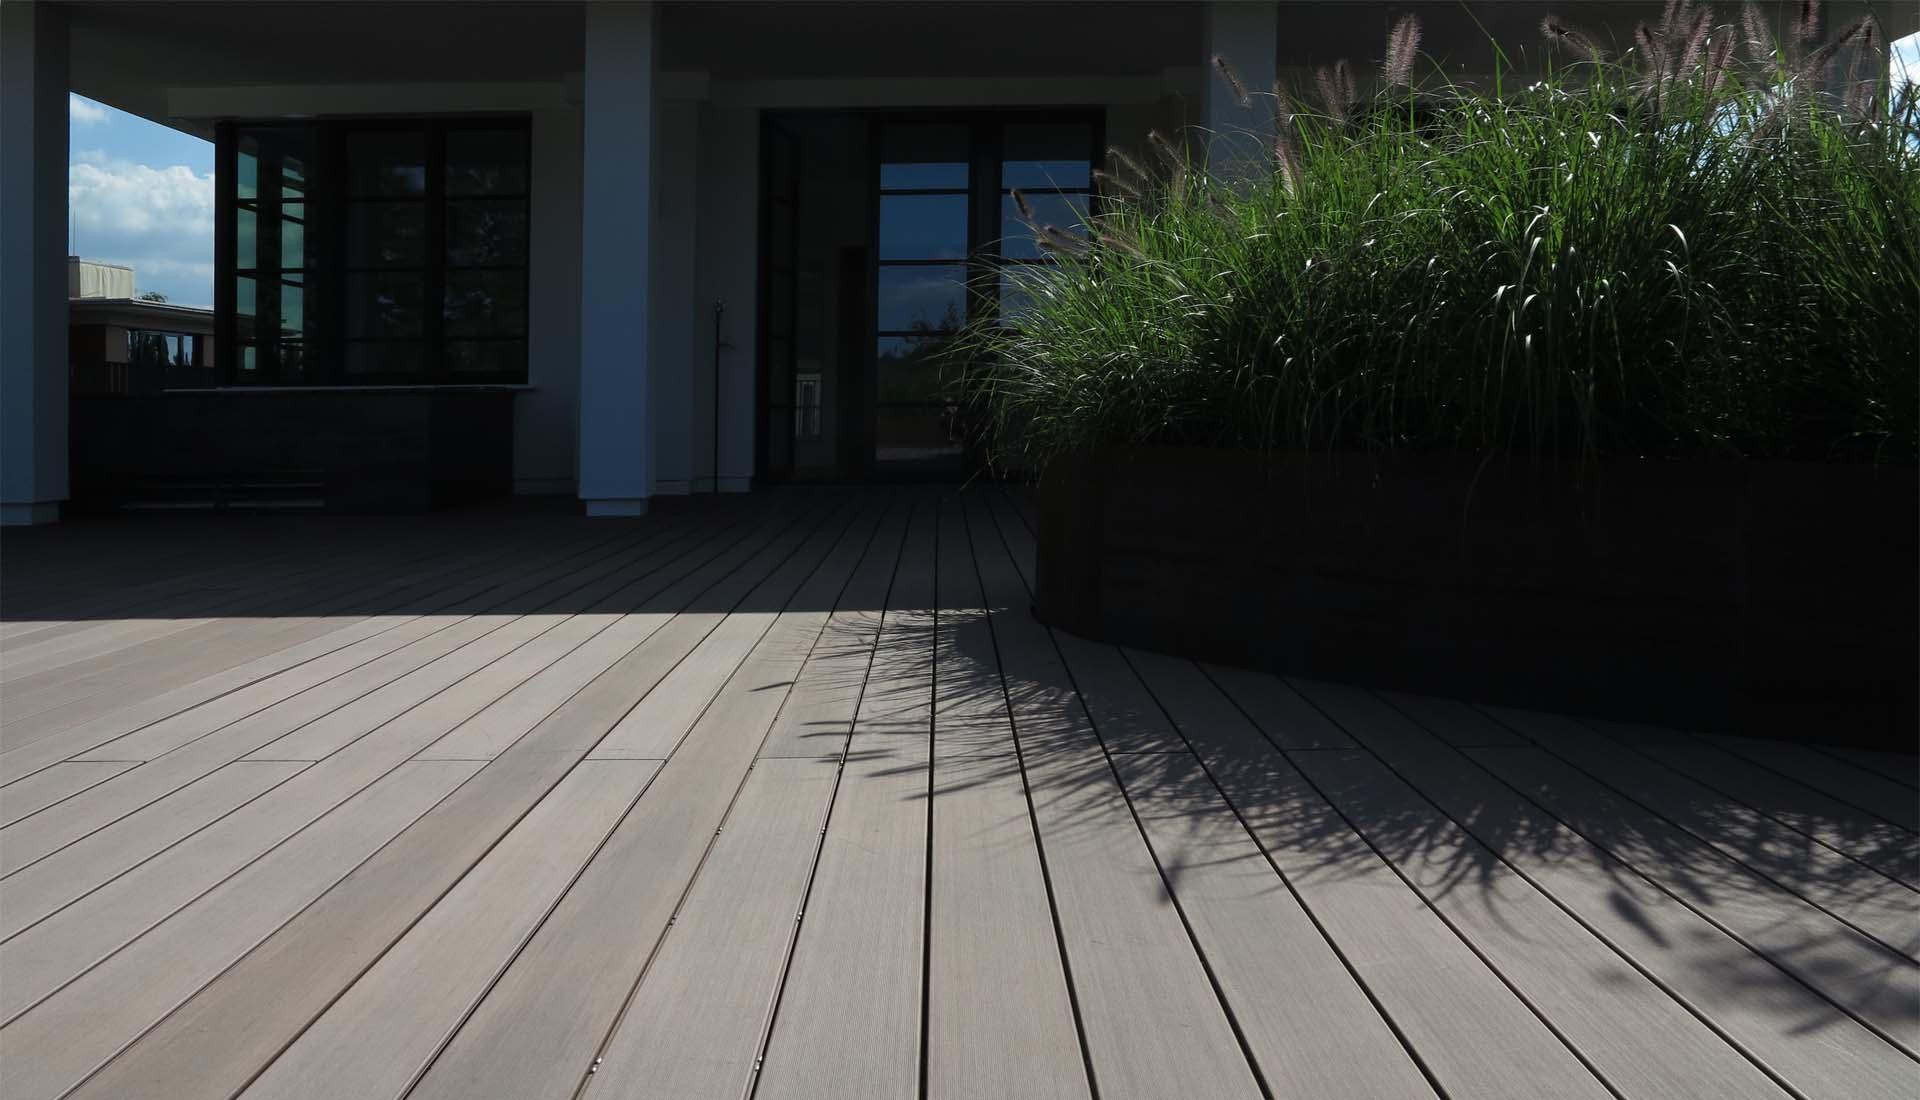 balkonbretter aus kunststoff balkonbretter 20 cm breite in holzoptik aus kunststoff. Black Bedroom Furniture Sets. Home Design Ideas